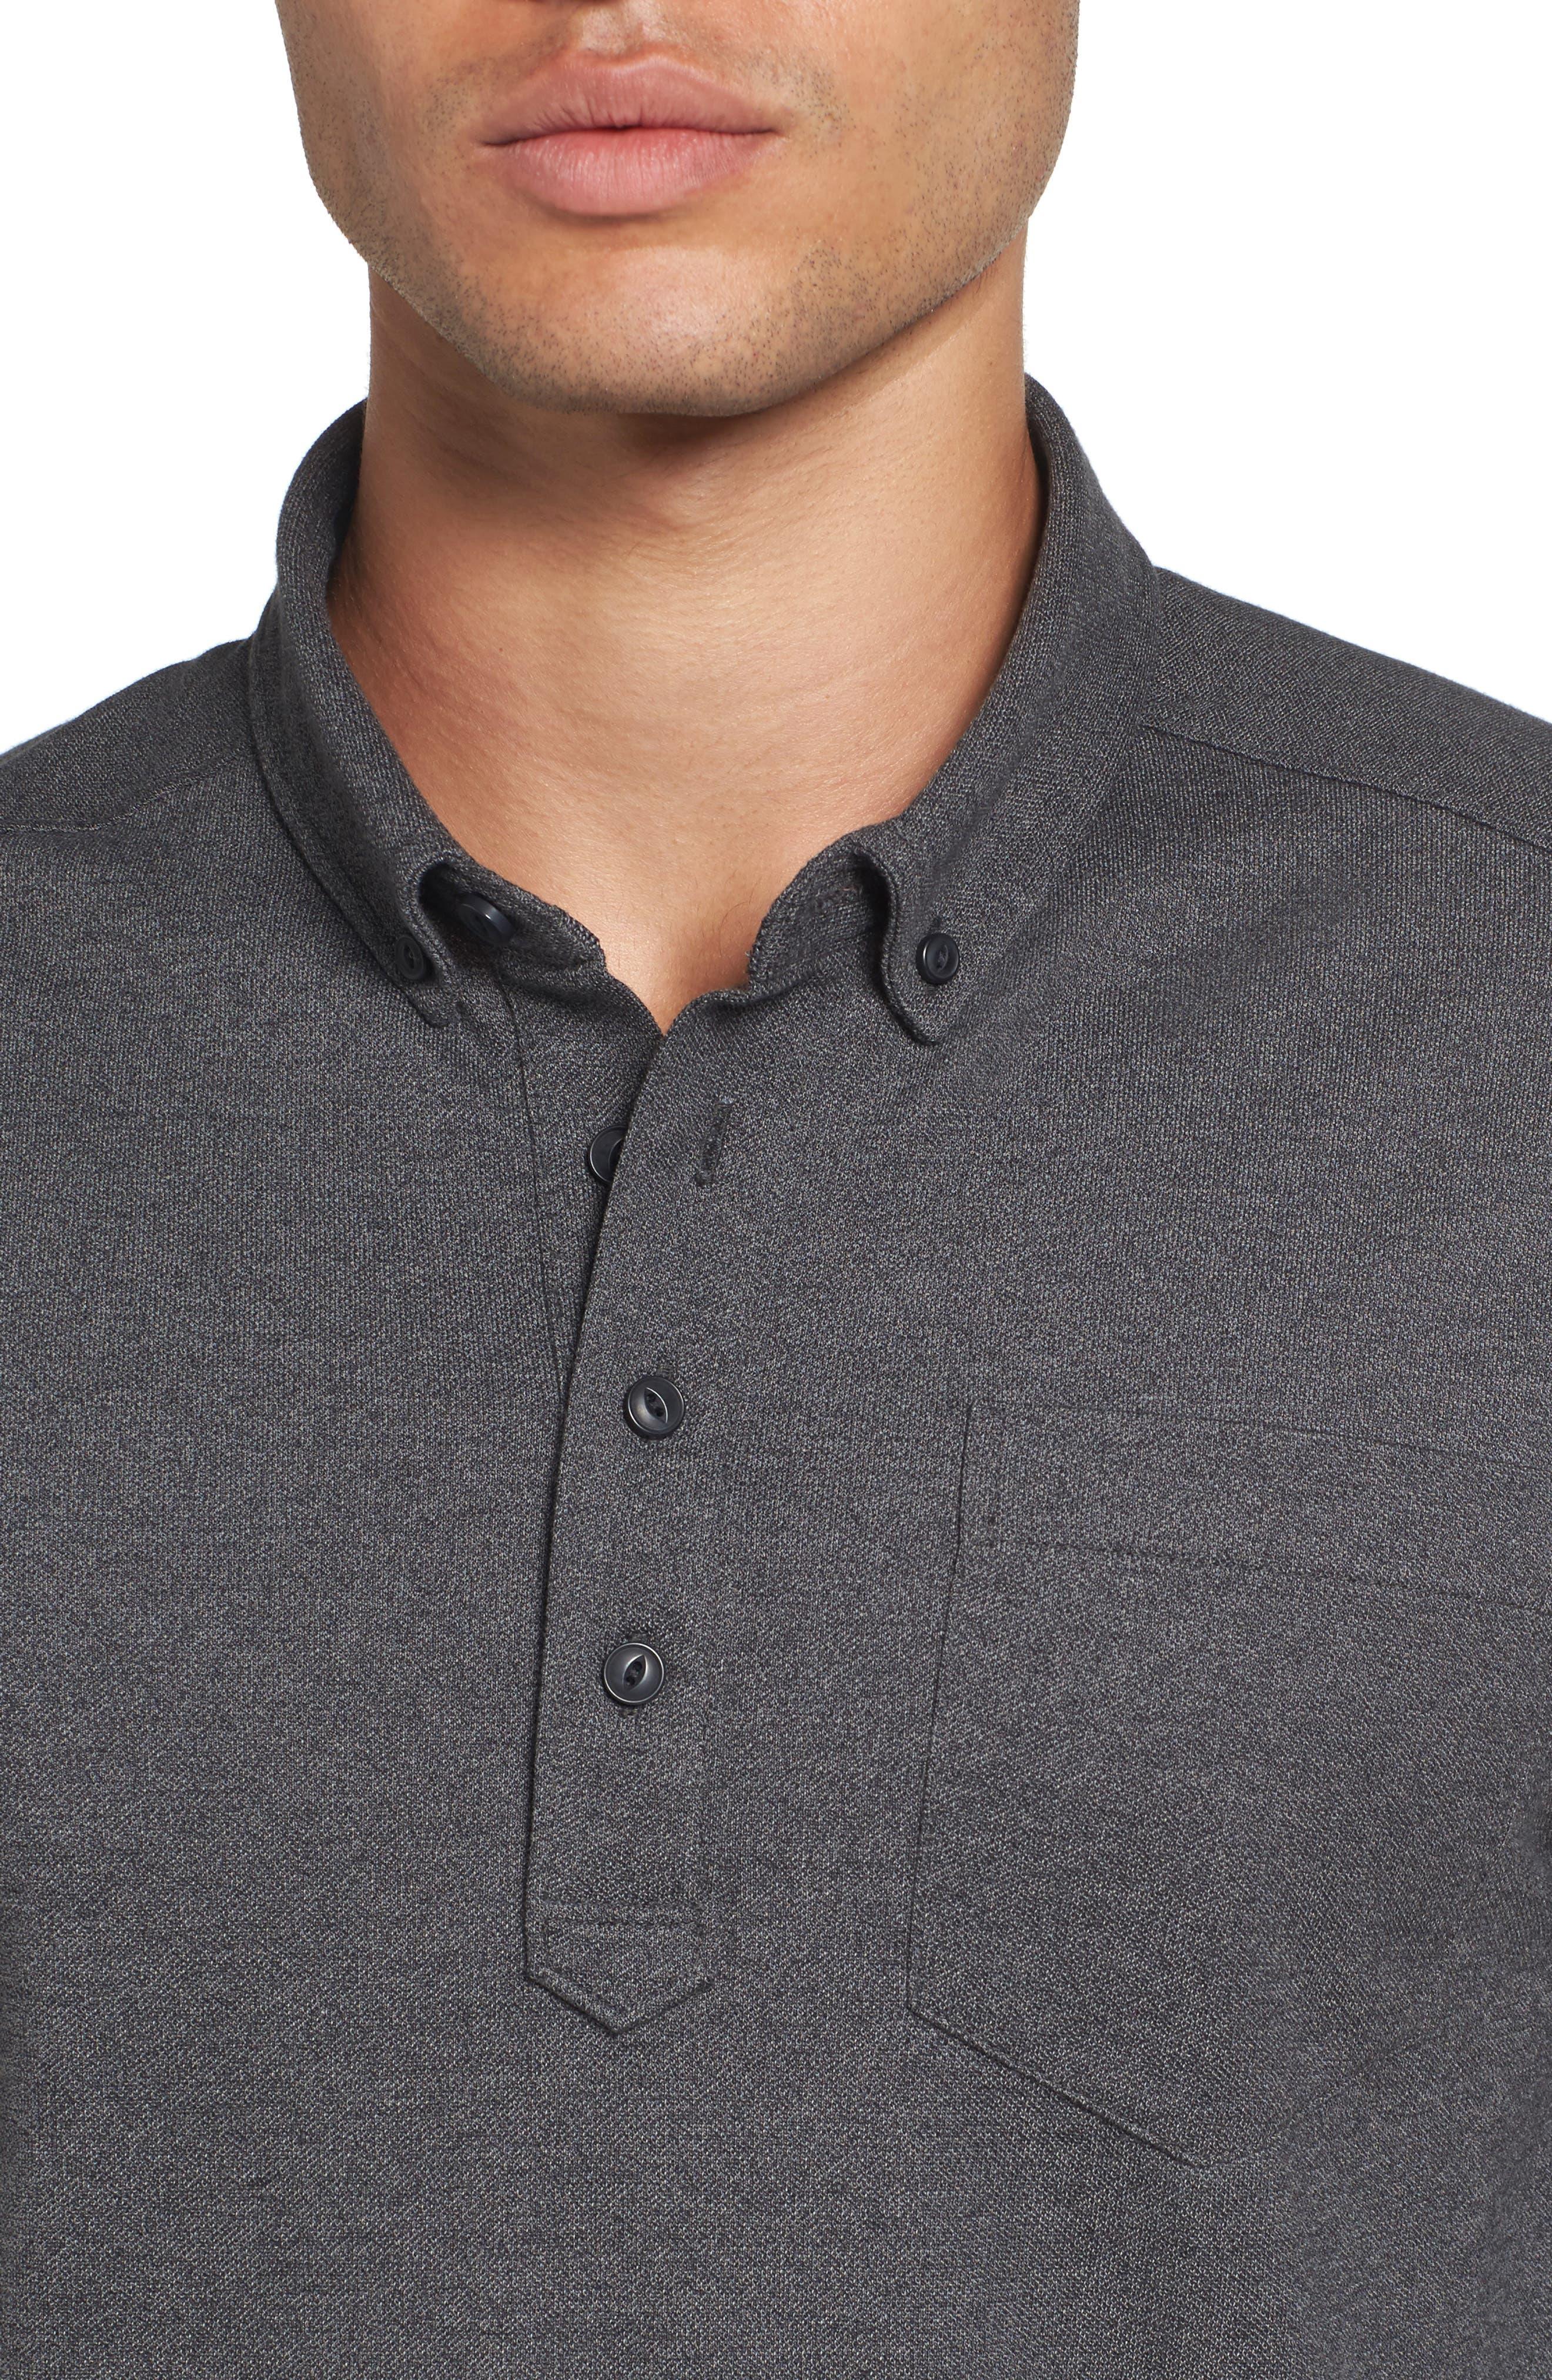 Long Sleeve Polo,                             Alternate thumbnail 4, color,                             BLACK CAVIAR MELANGE